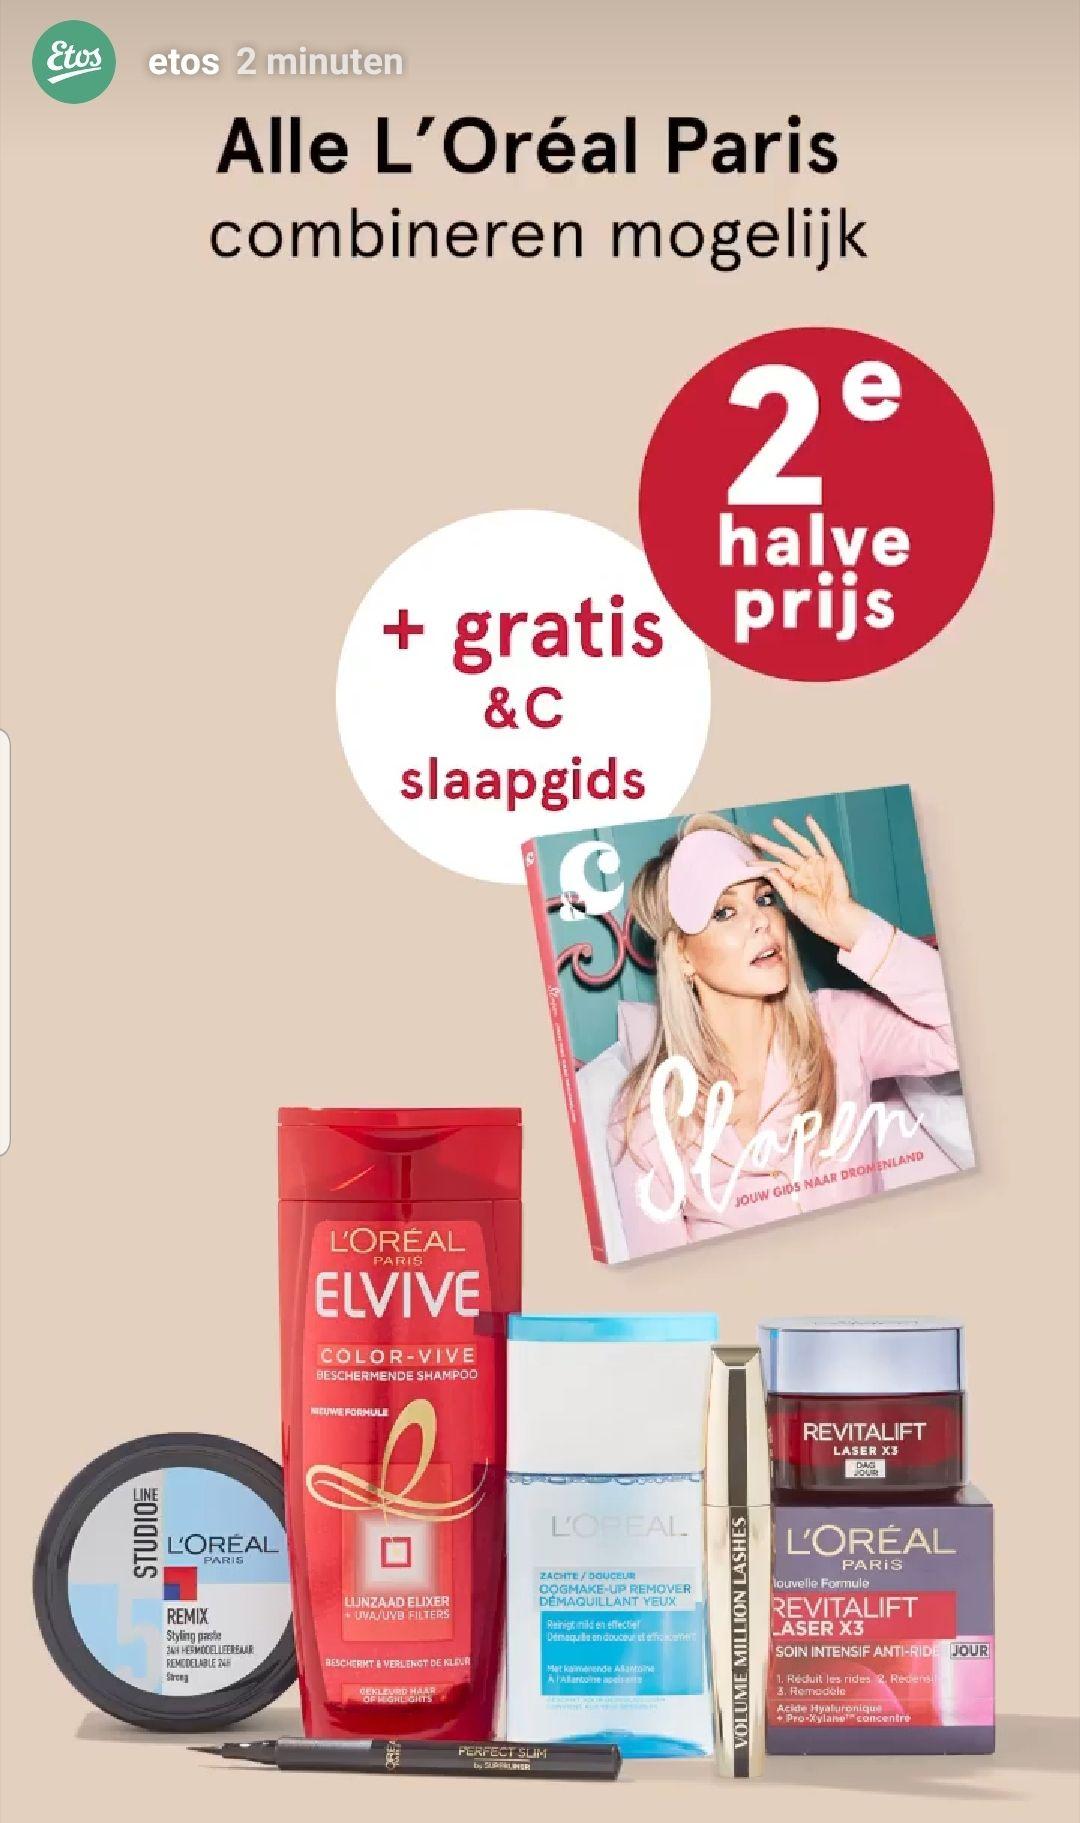 Gratis &C slaapgids t.w.v. €9,99 bij aankoop van 2 L'oréal Paris producten (goedkoopste optie €2,32)